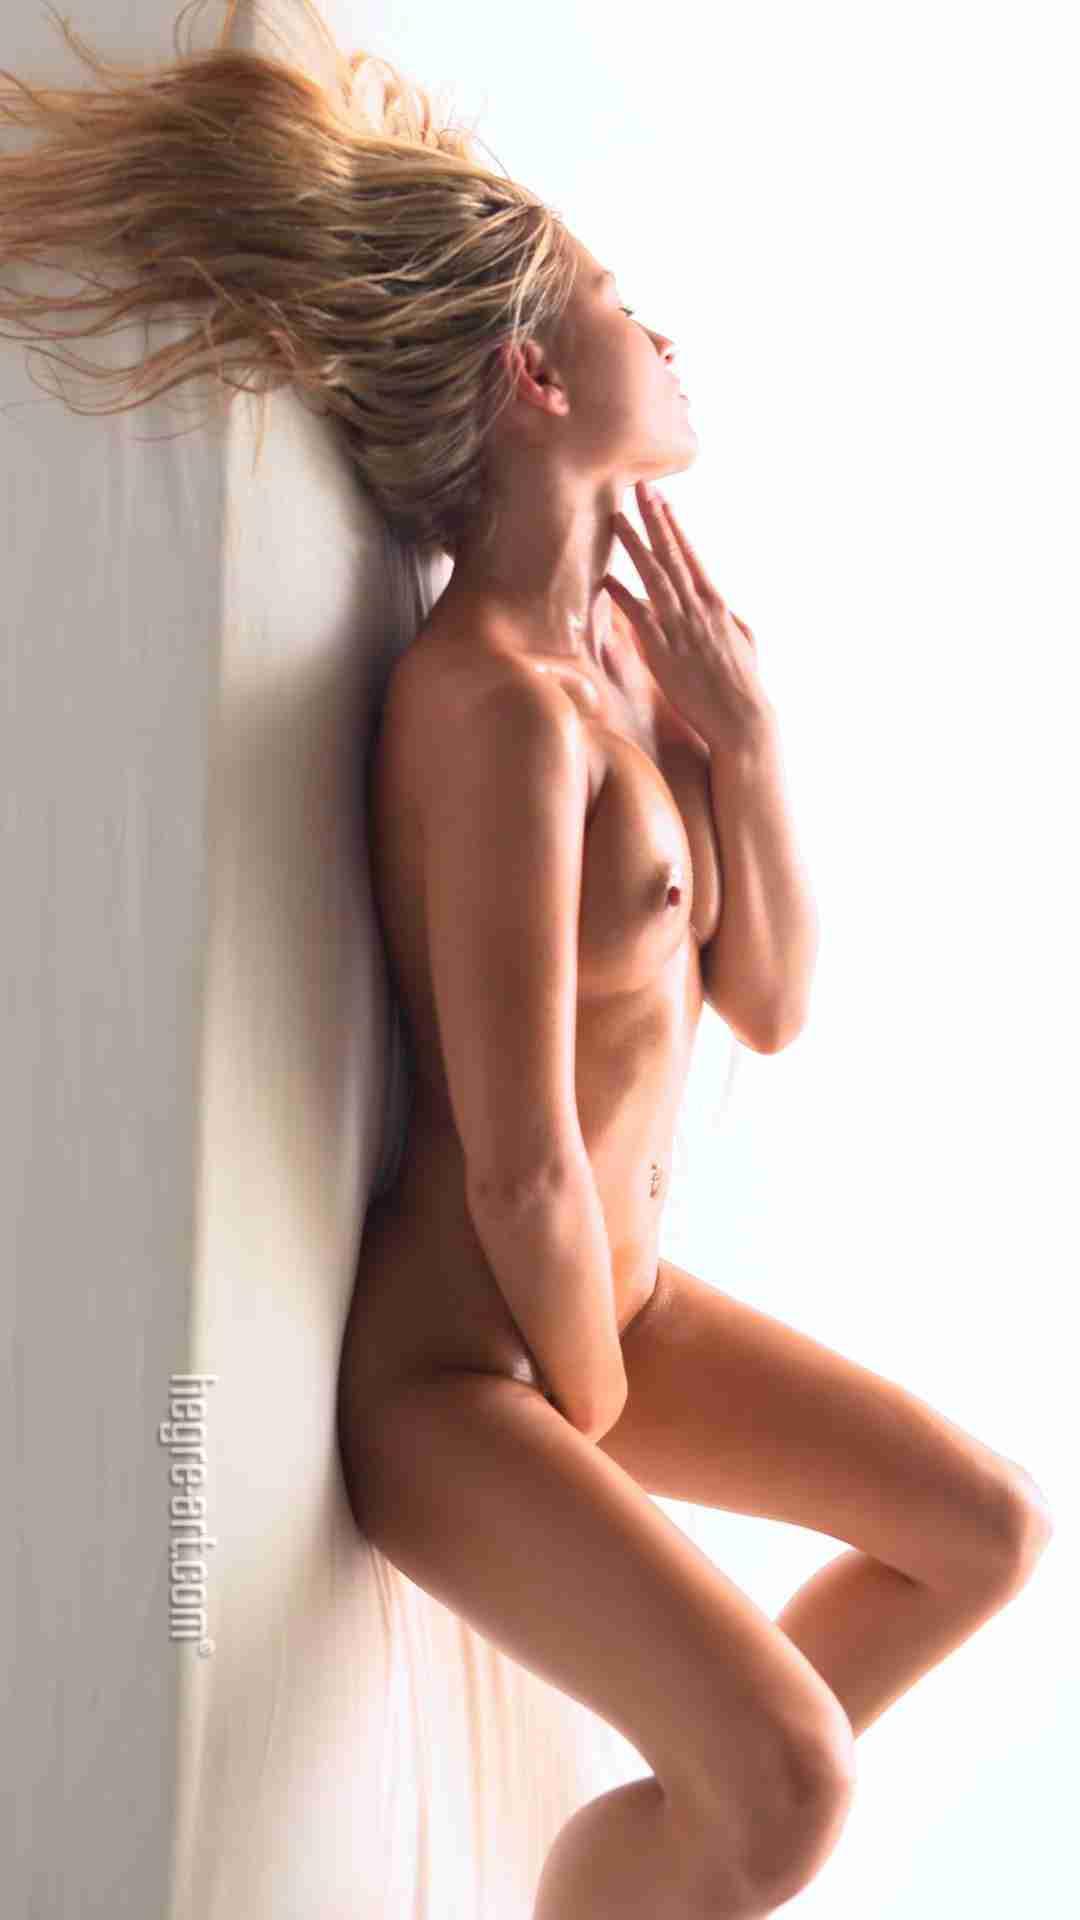 金发模特酮体美乳身材散发迷人气息弹性美乳衬托傲人身材